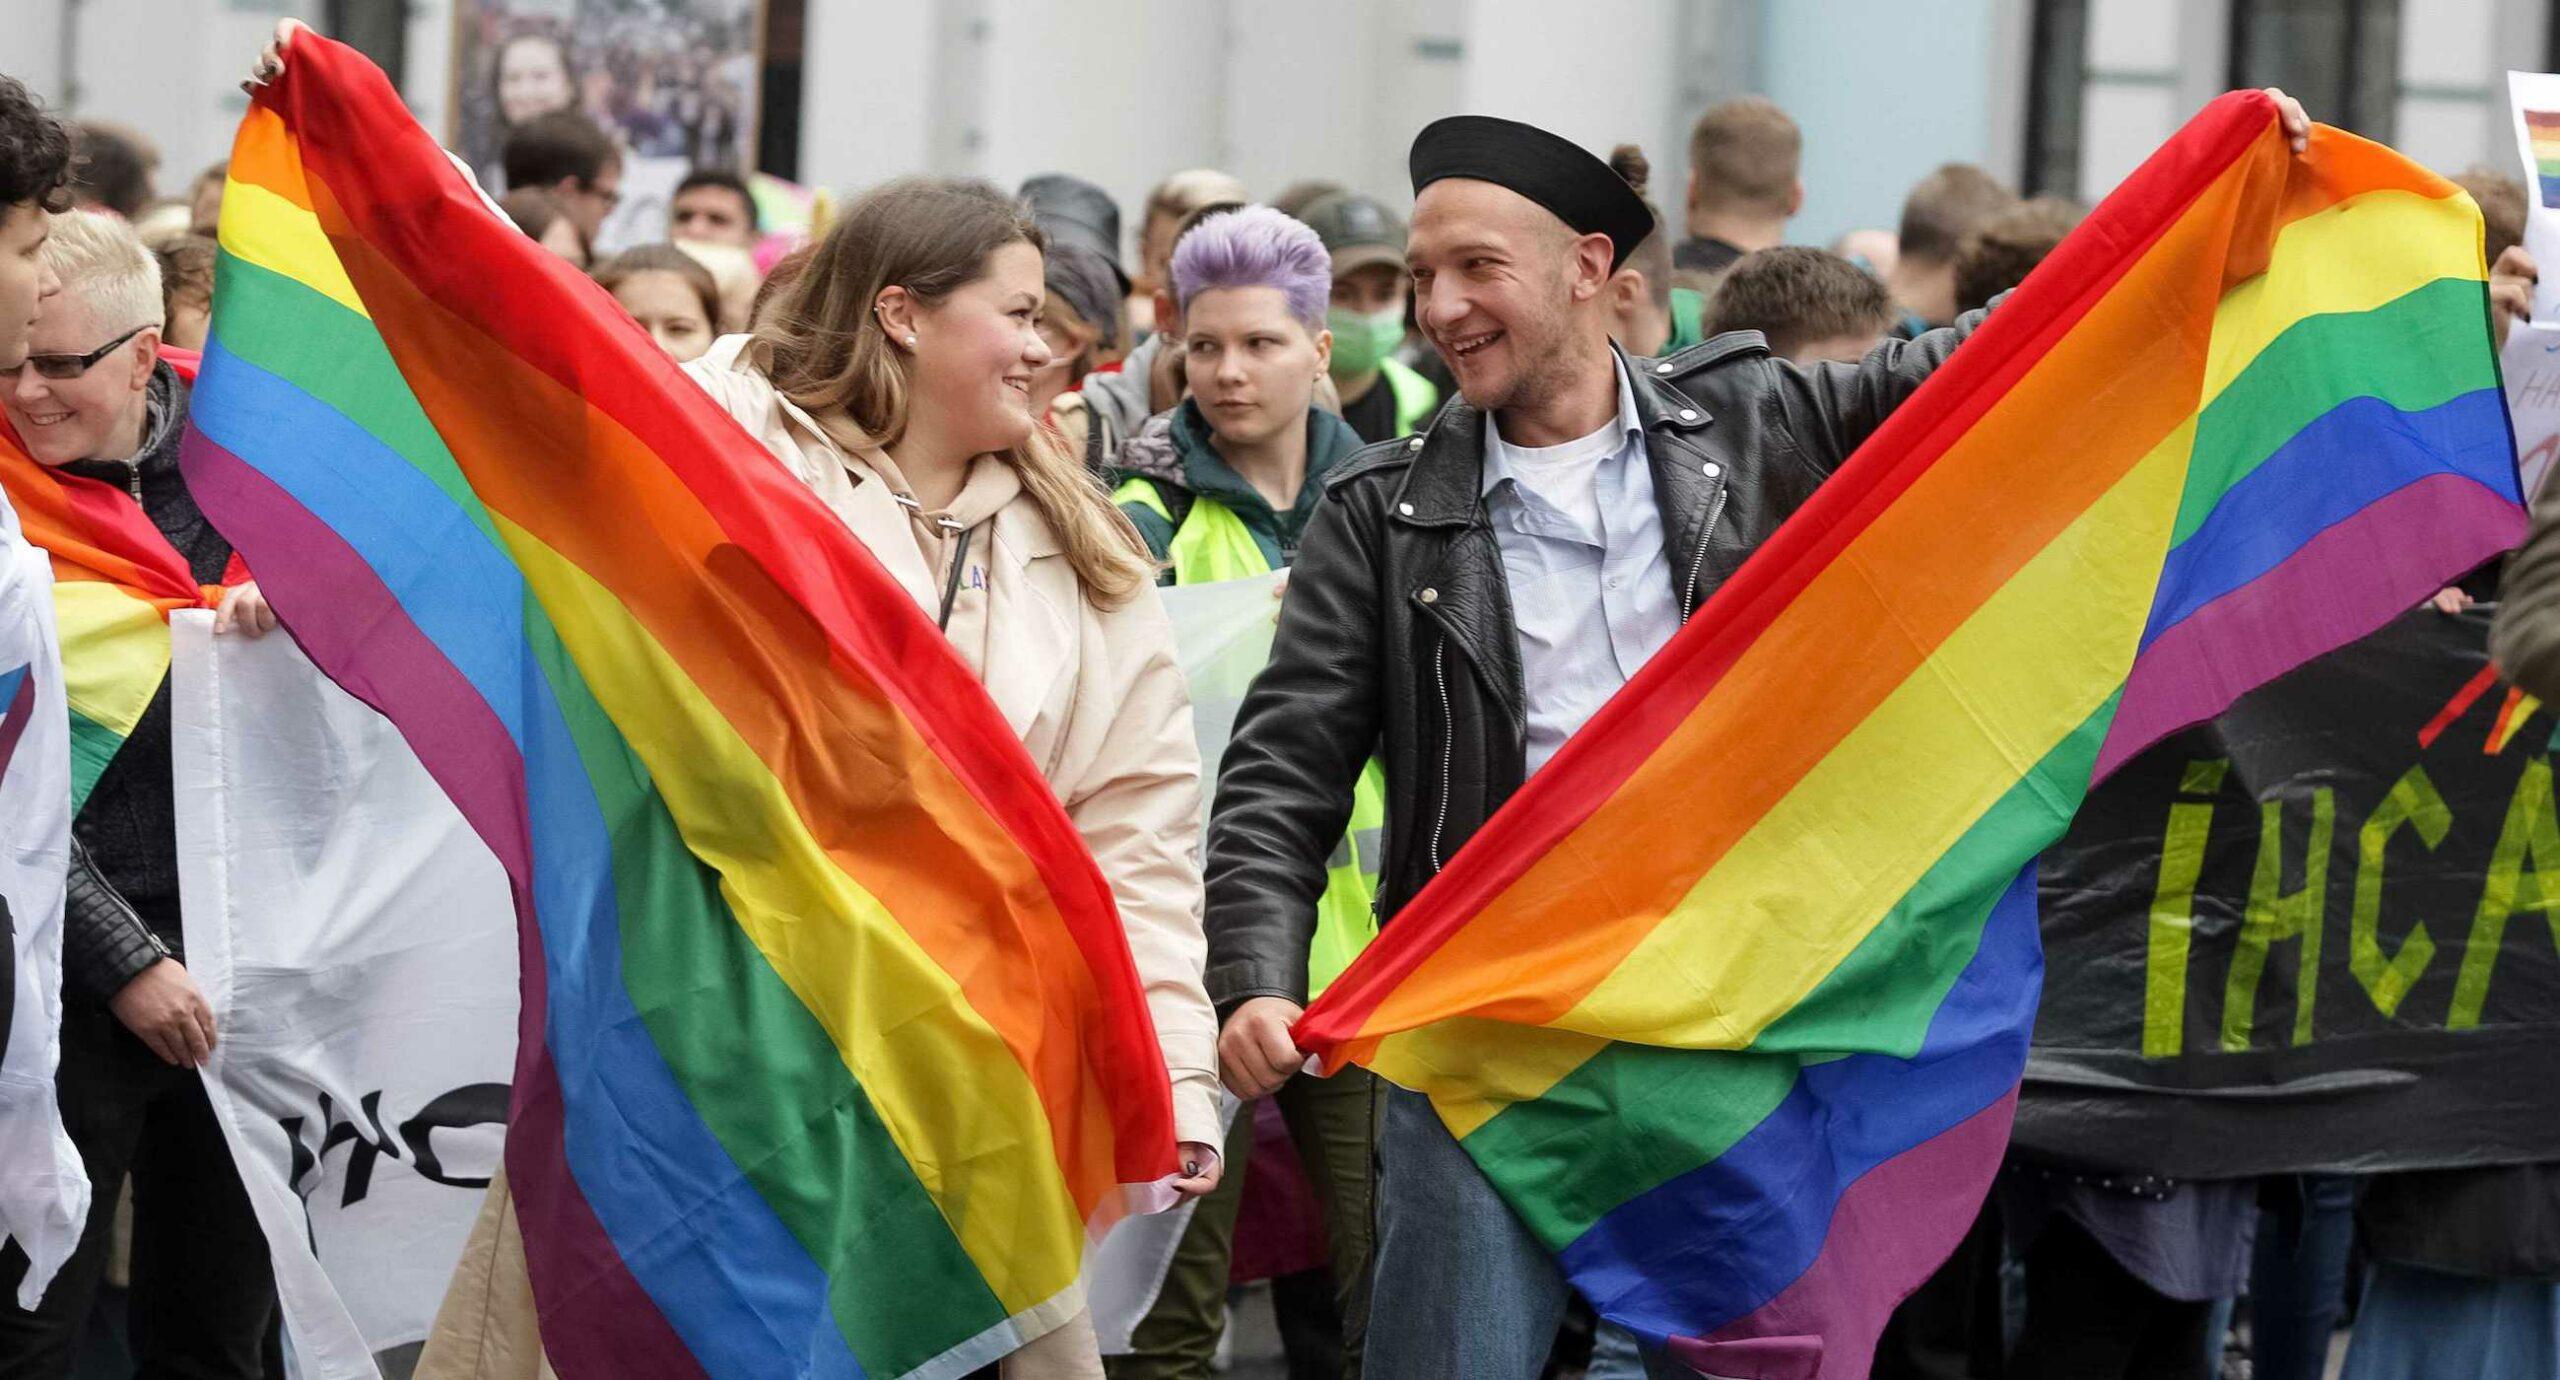 Марш рівності, премія за захист прав ЛГБТ+ та вимоги спільноти: яким був прайд-місяць 2021